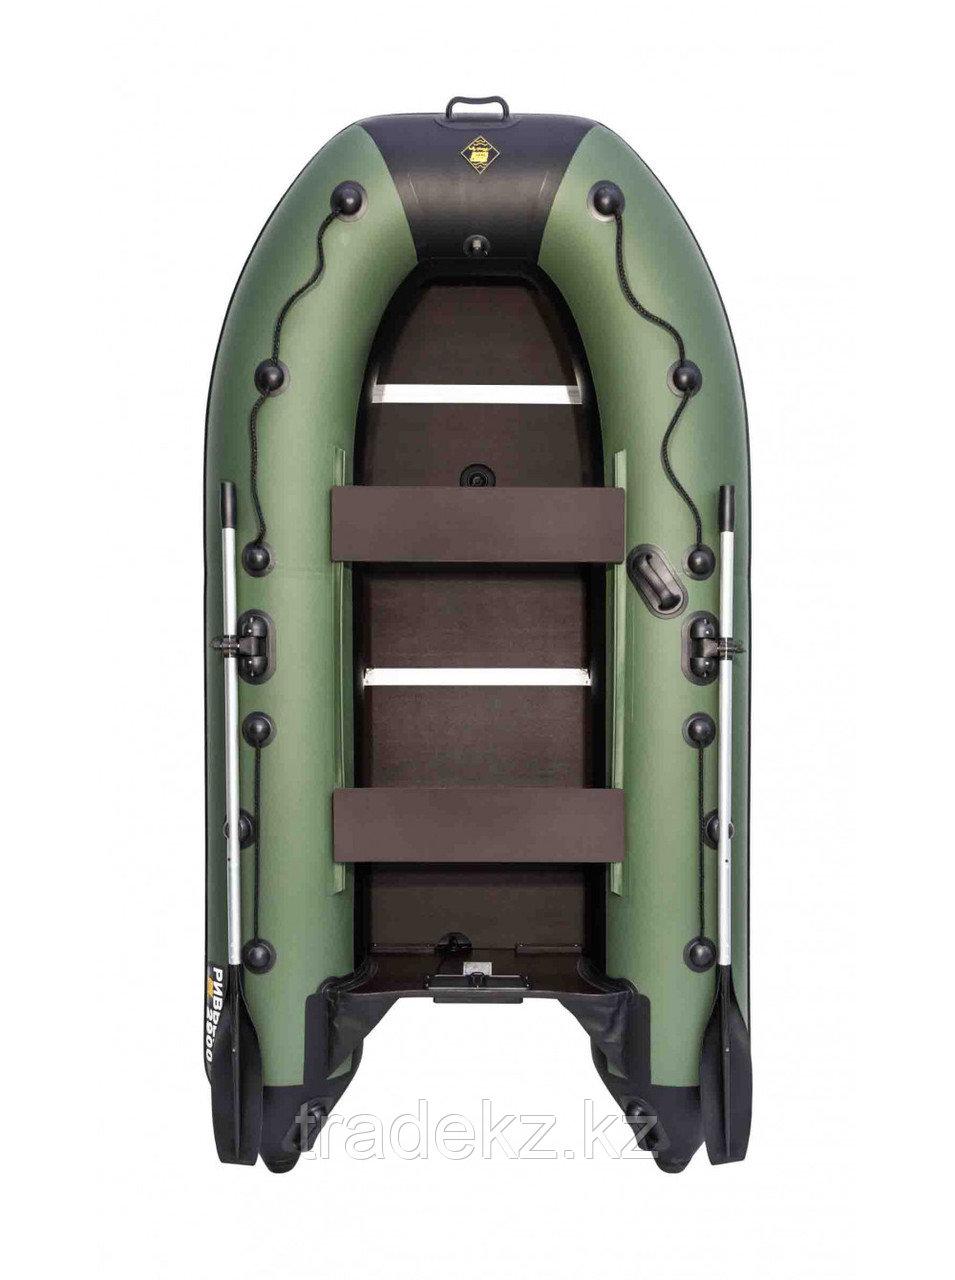 Лодка ПВХ Ривьера Компакт 2900 СК касатка зеленый/черный